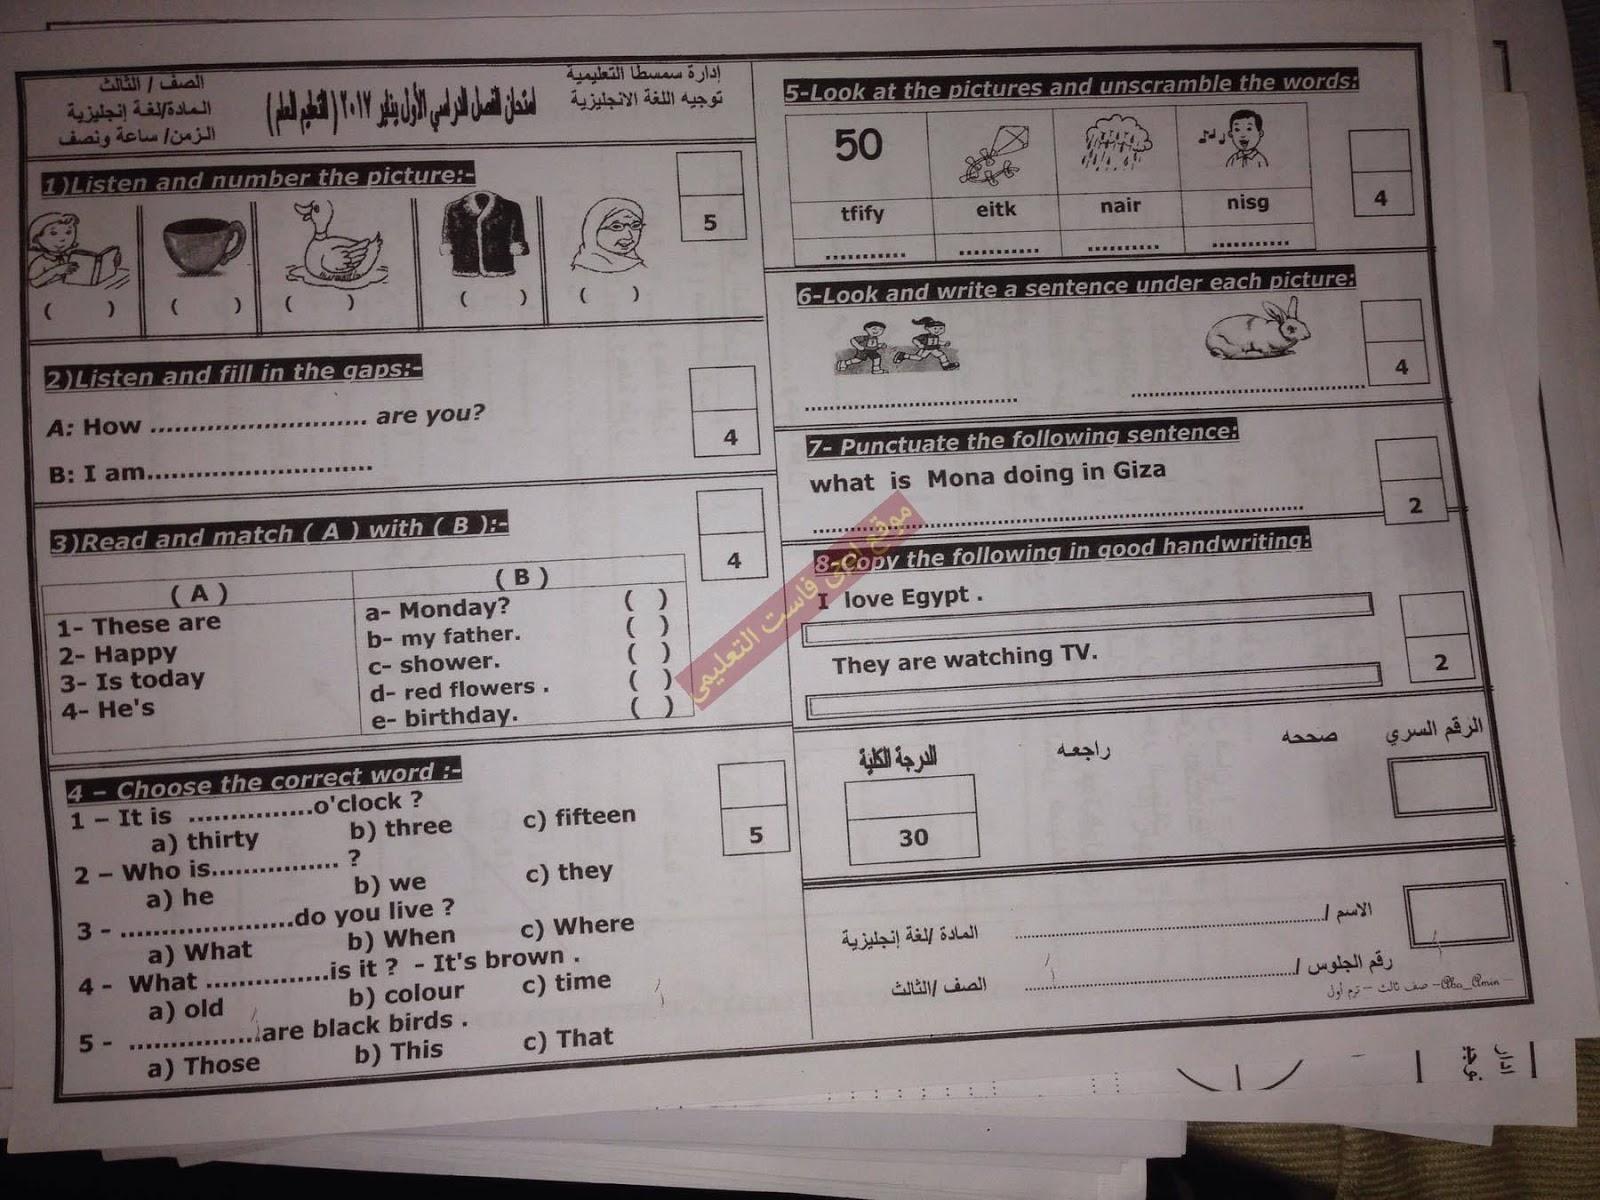 اقوى امتحانات اللغة العربية واللغة الانجليزية والرياضيات والدين للصف الثالث الابتدائي نصف العام 2018 14